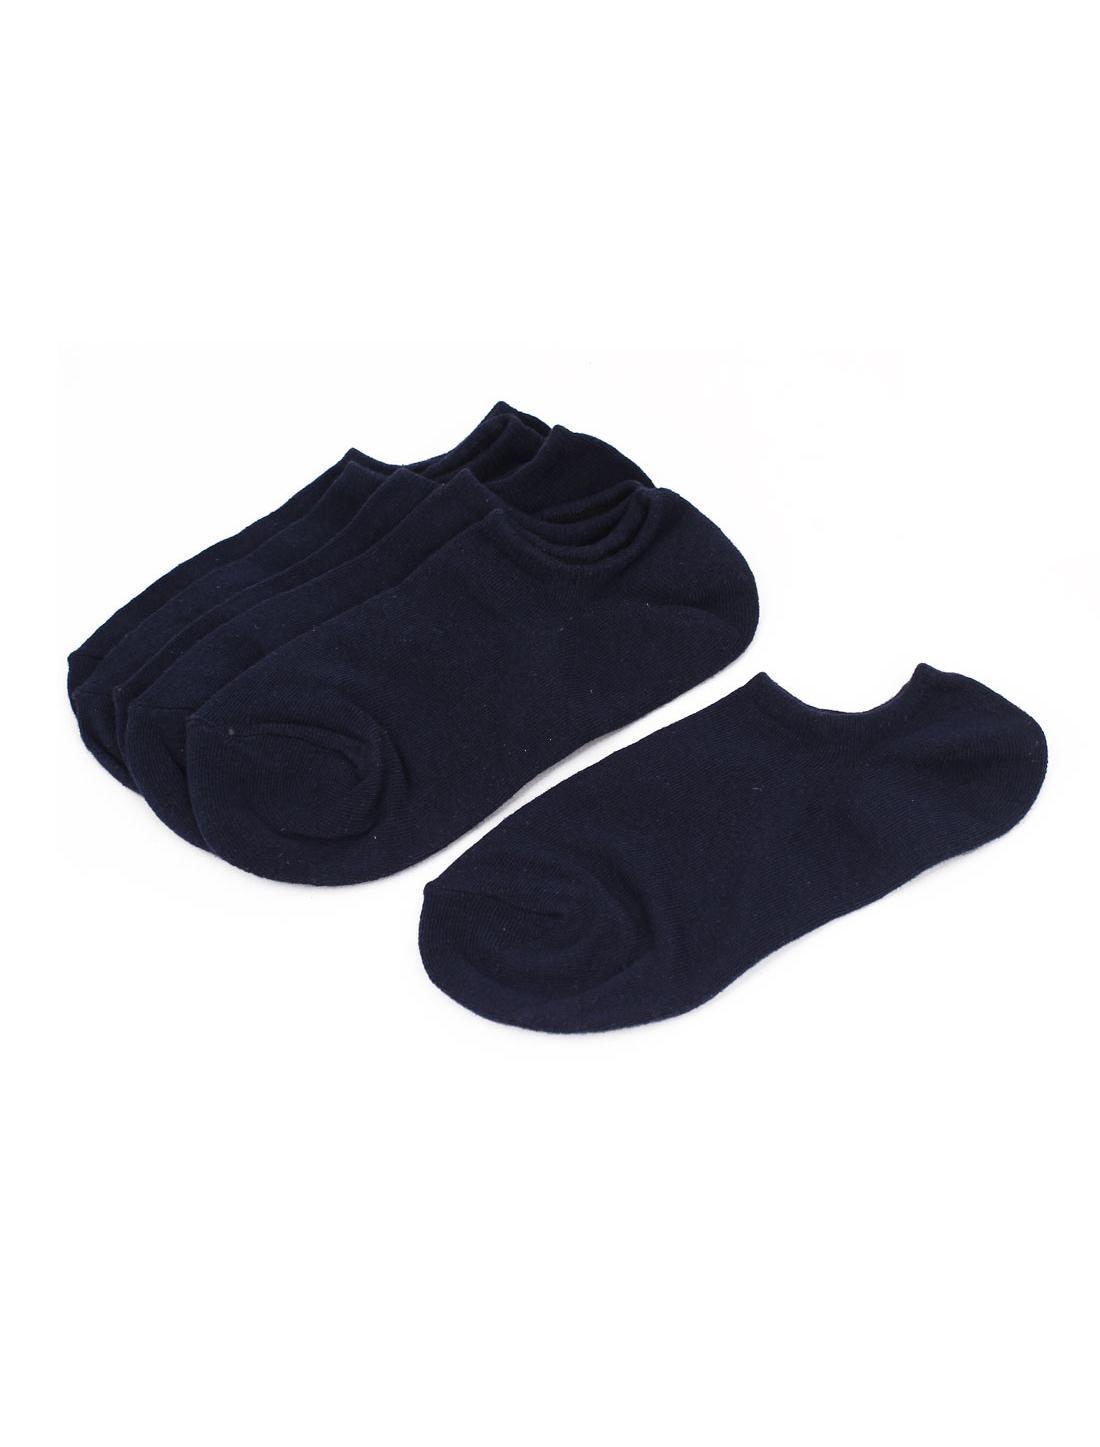 Children Kids Elastic Cotton Blends Short Ankle Socks Dark Blue 3 Pairs